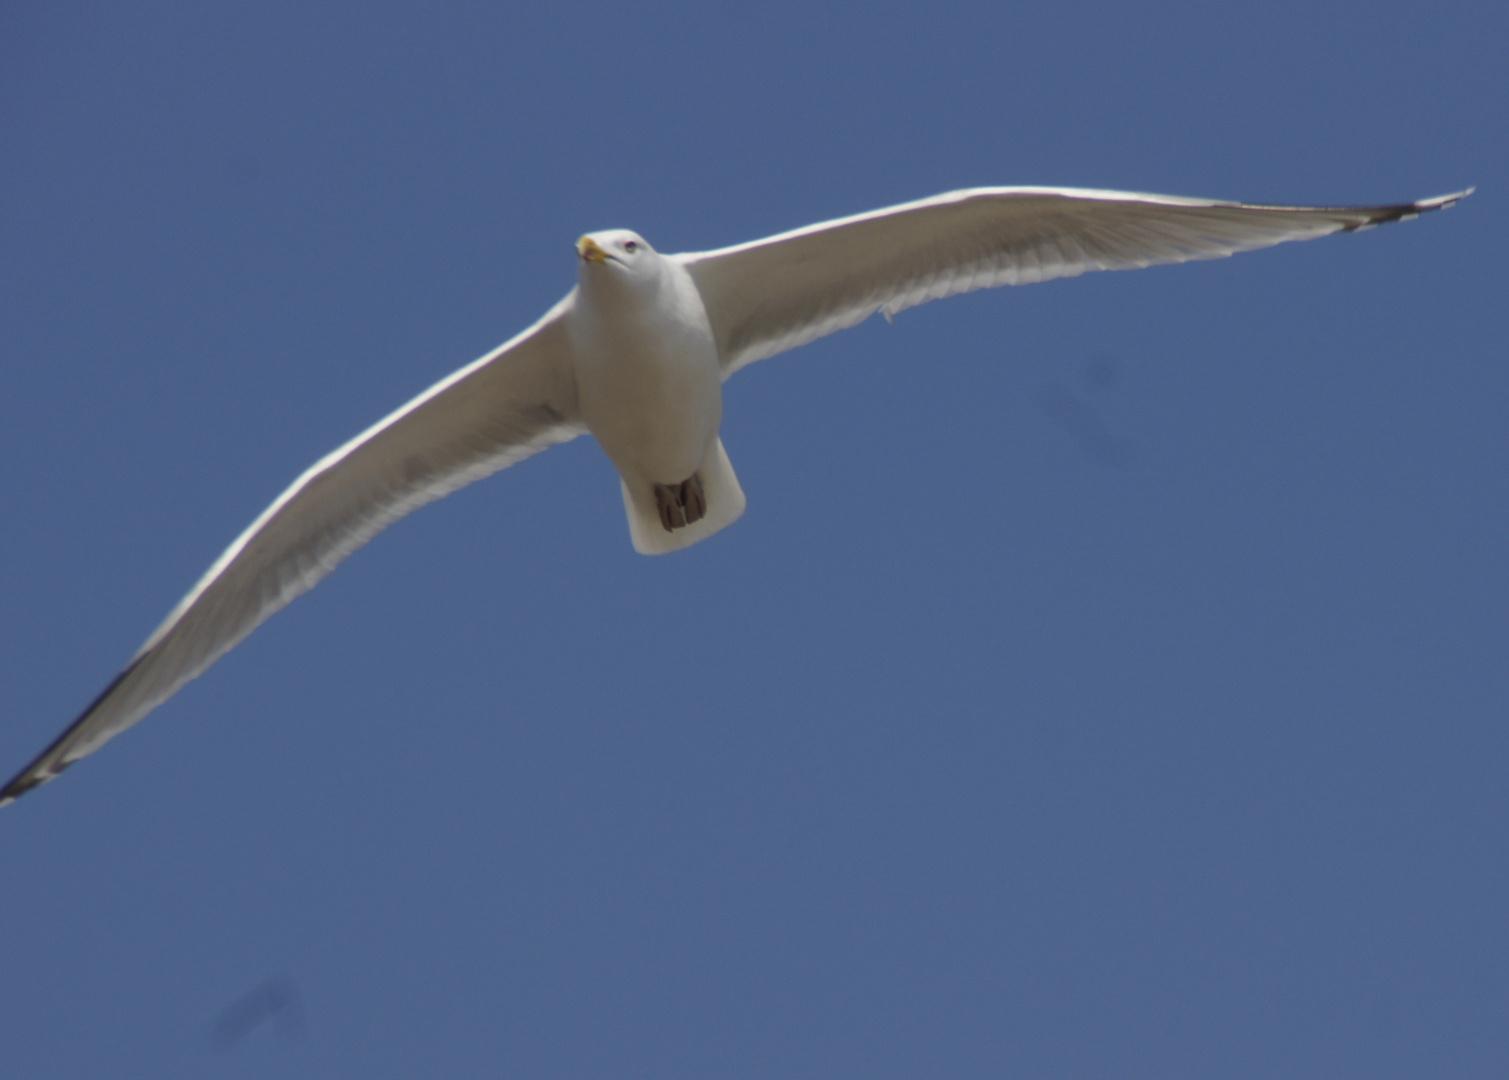 Der Flug der Möwe